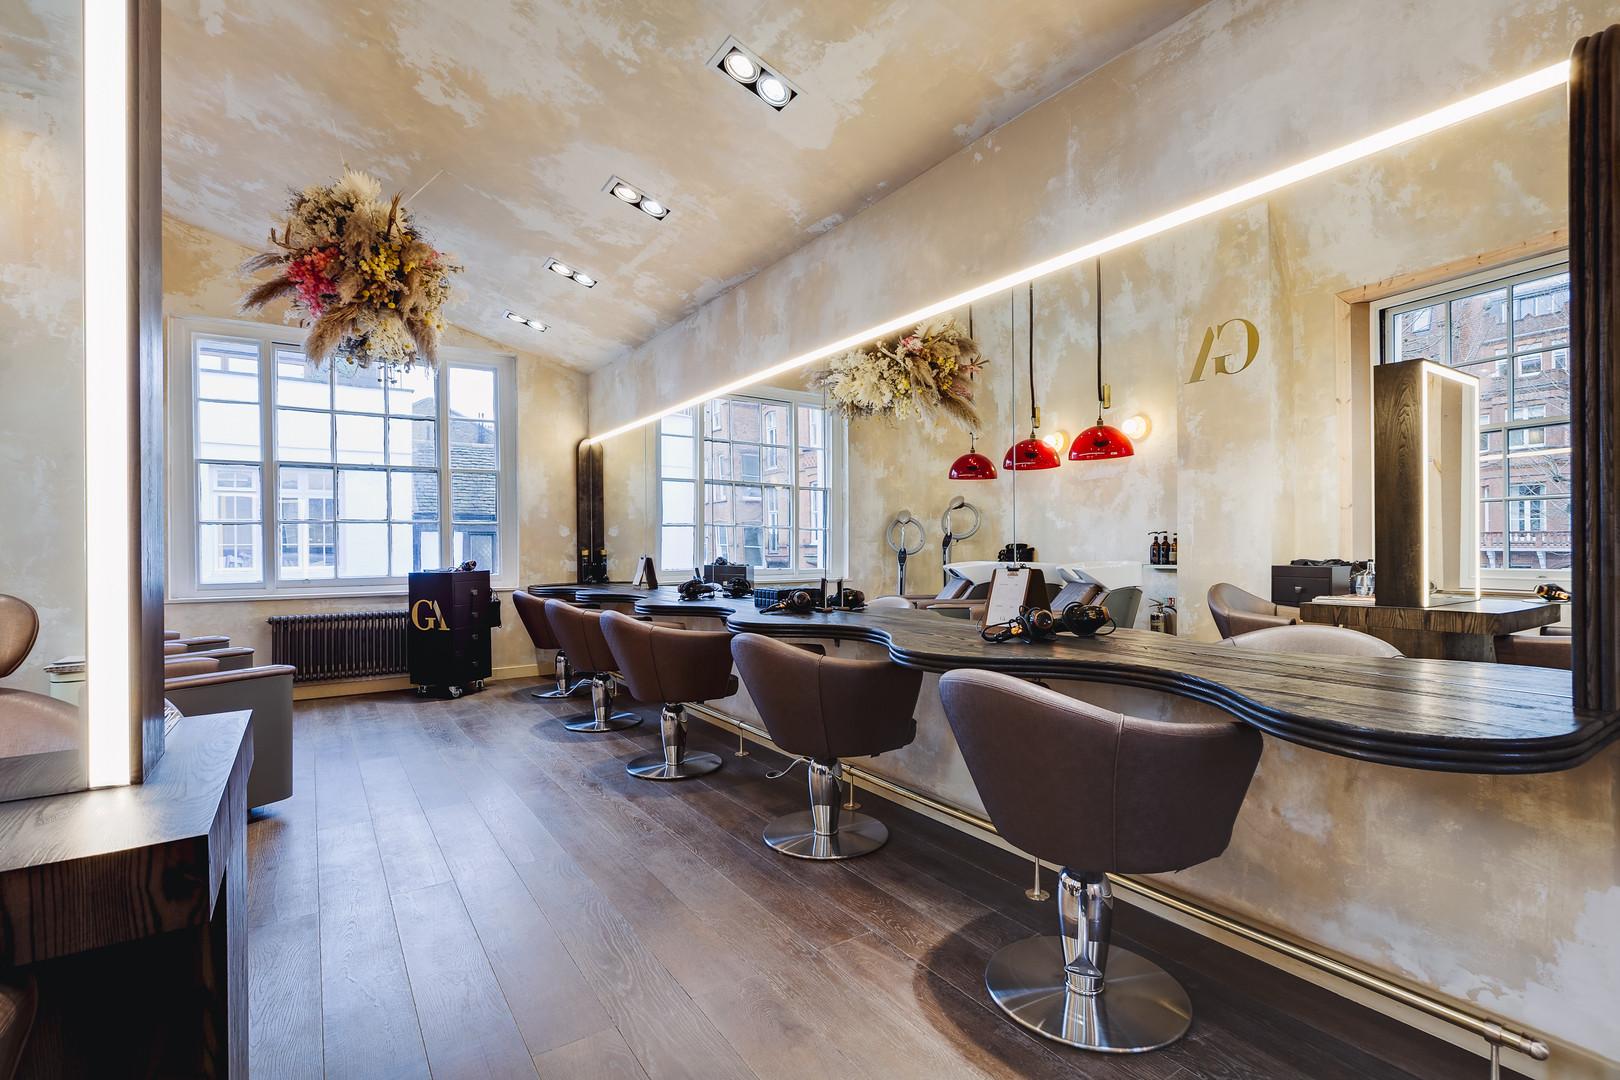 GA Salon